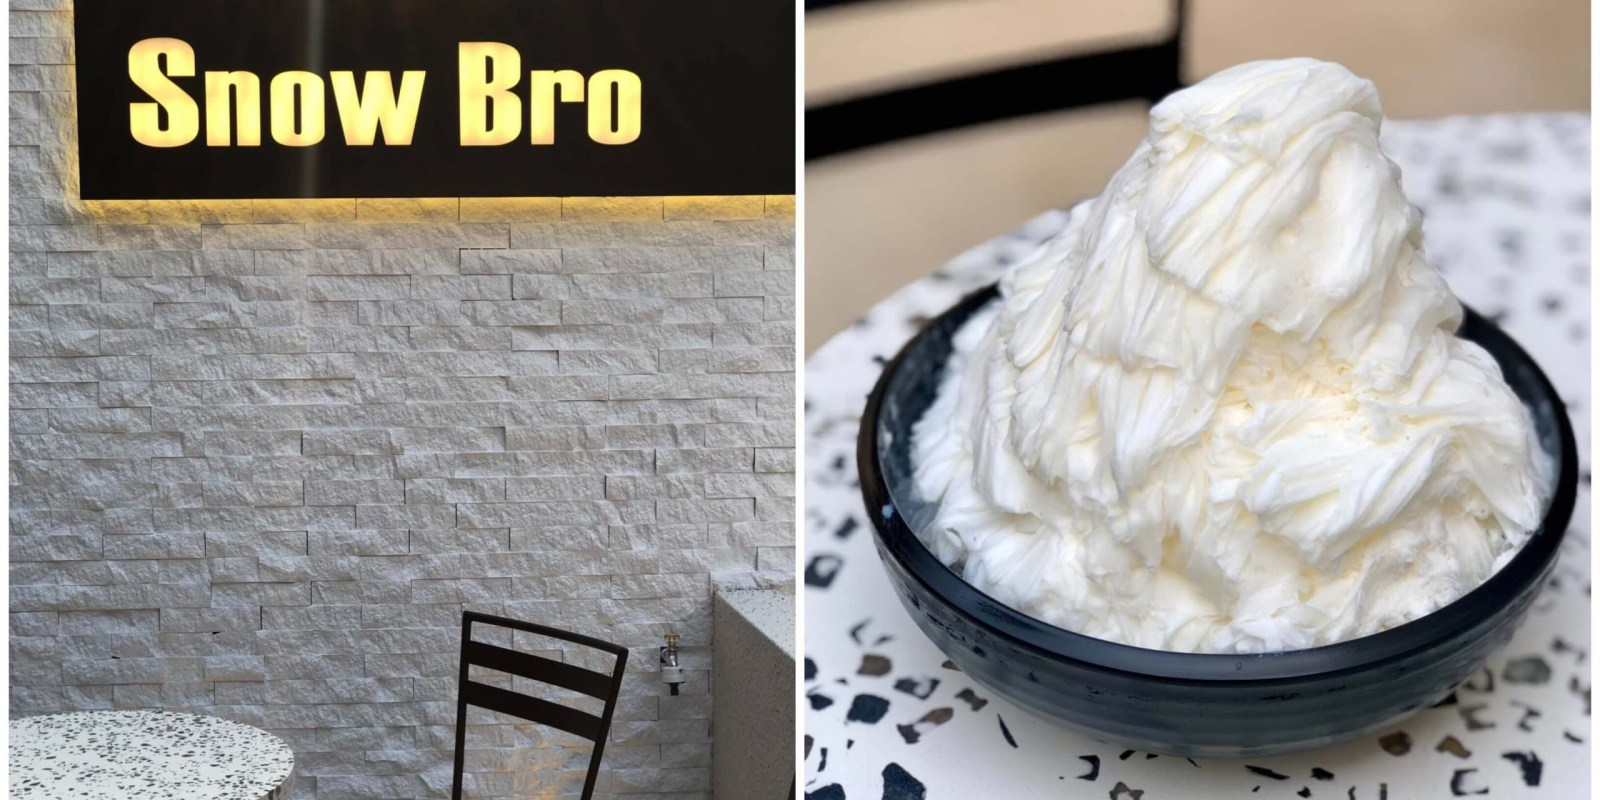 【台北美食】秘方雪人兄弟Snow Bro|擁有文青風格的刨冰專門店開三店囉!